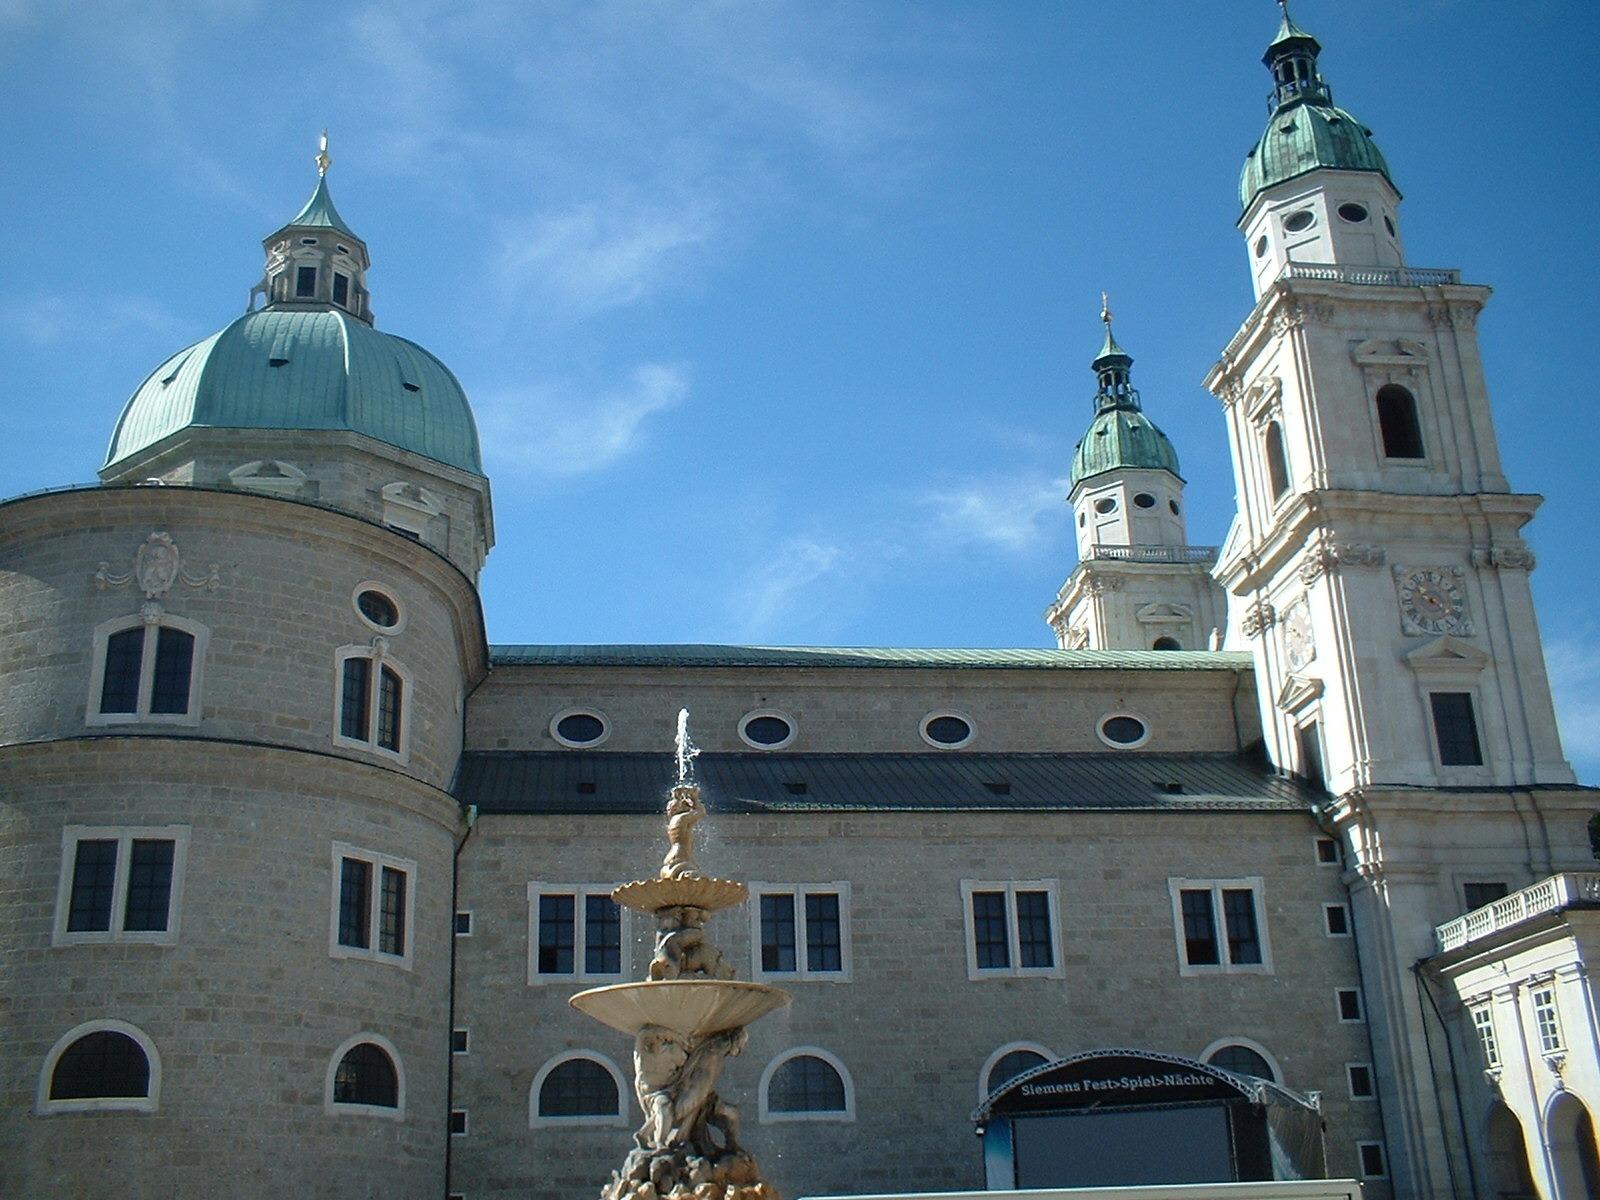 salisburgo04-1601384807.jpg